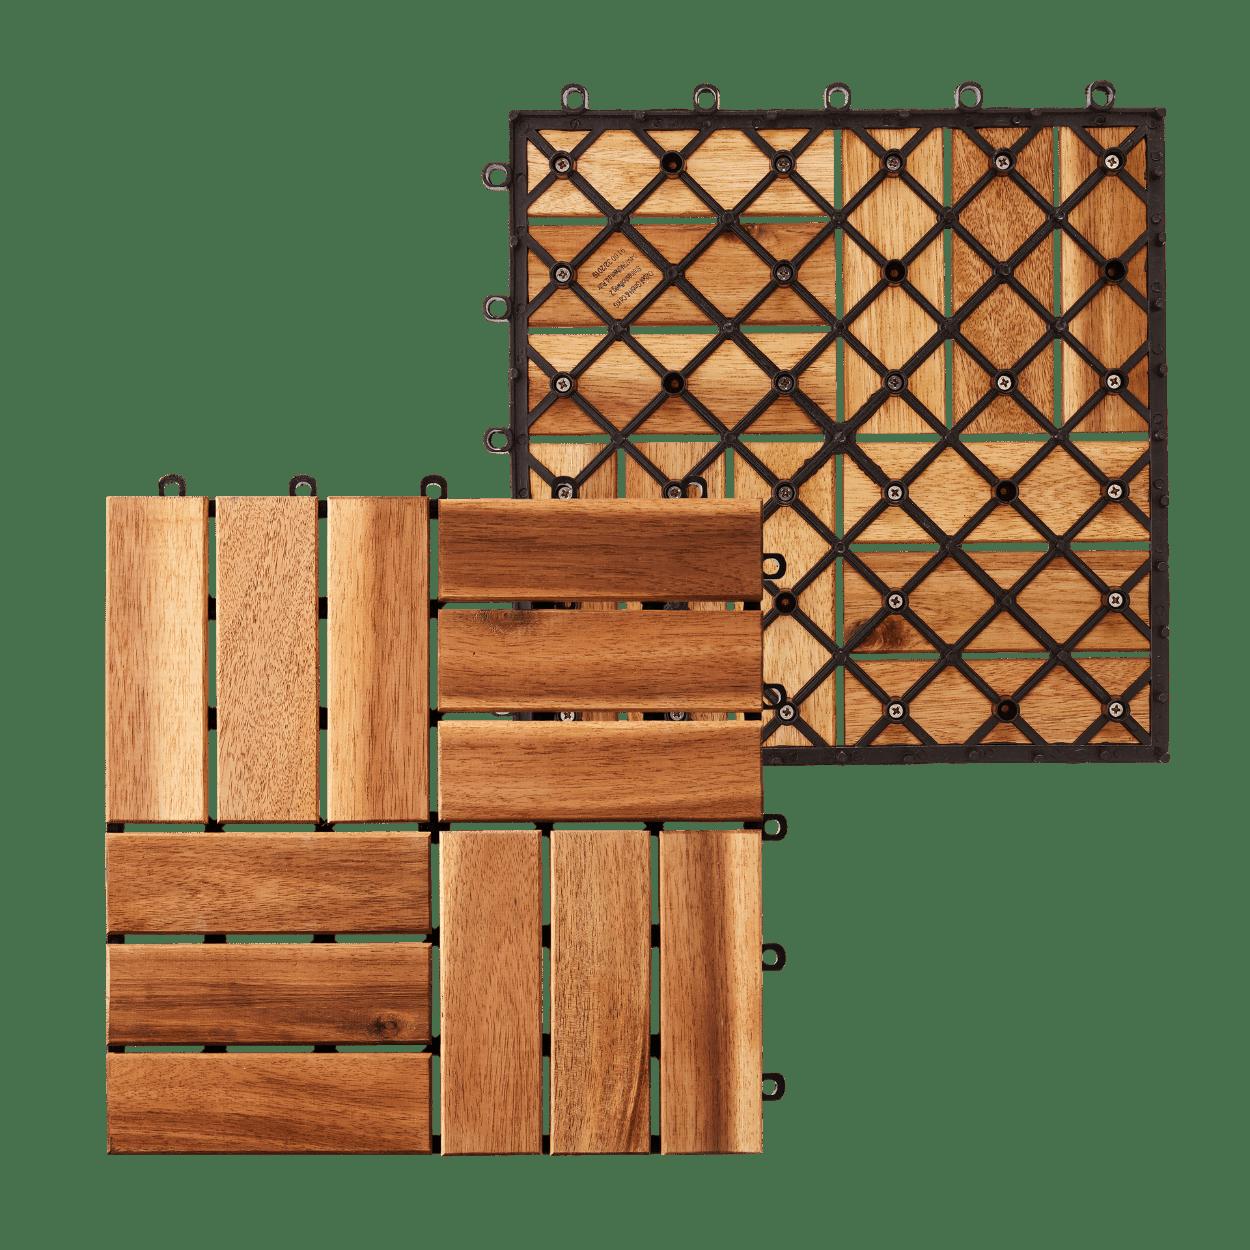 Full Size of Holzfliesen Aldi Fenster Sichtschutzfolie Sichtschutz Für Garten Sichtschutzfolien Im Wpc Holz Einseitig Durchsichtig Relaxsessel Wohnzimmer Sichtschutz Aldi